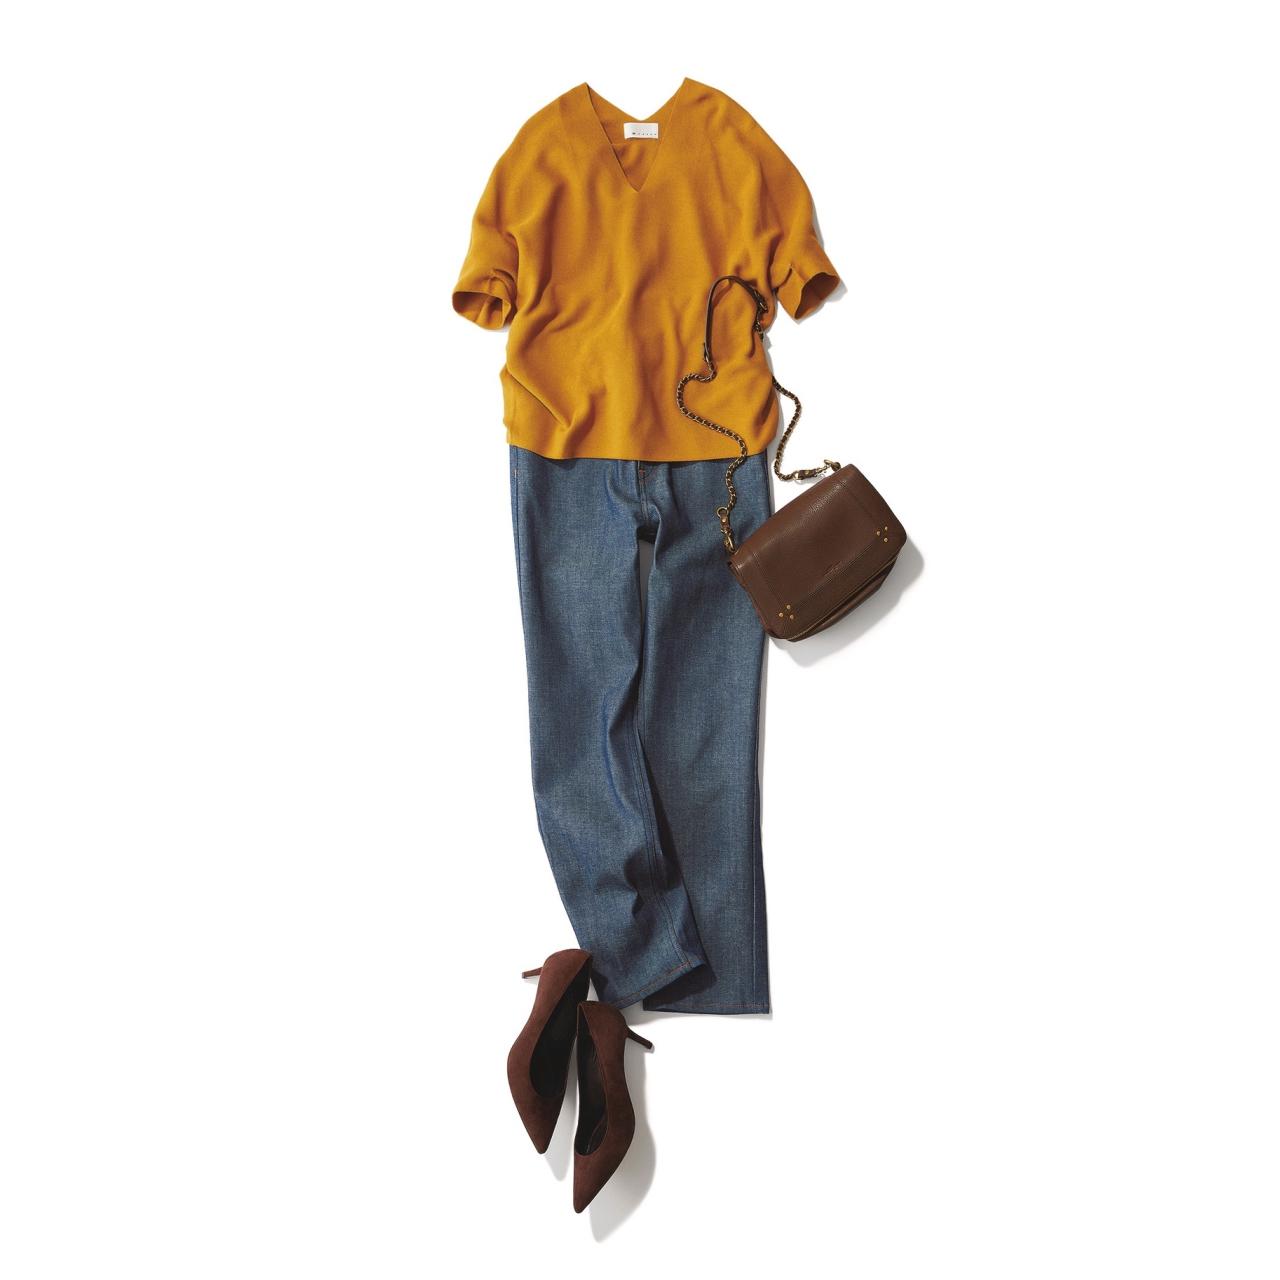 きれい色ニット×デニムのファッションコーデ